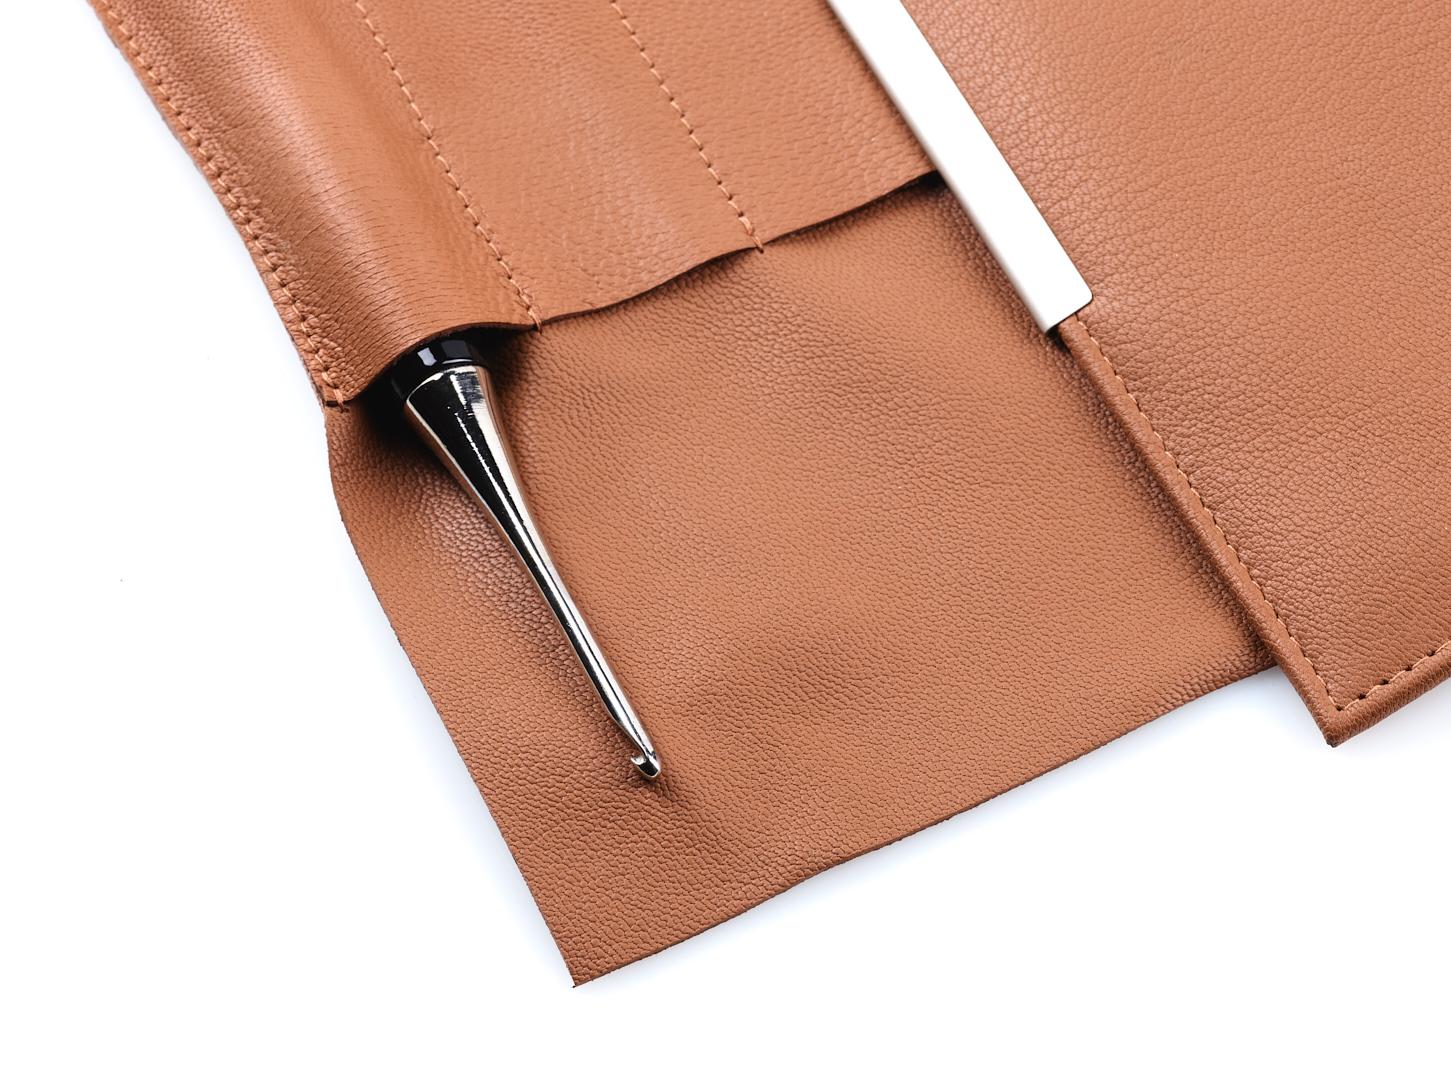 171123_furls purse17205.jpg